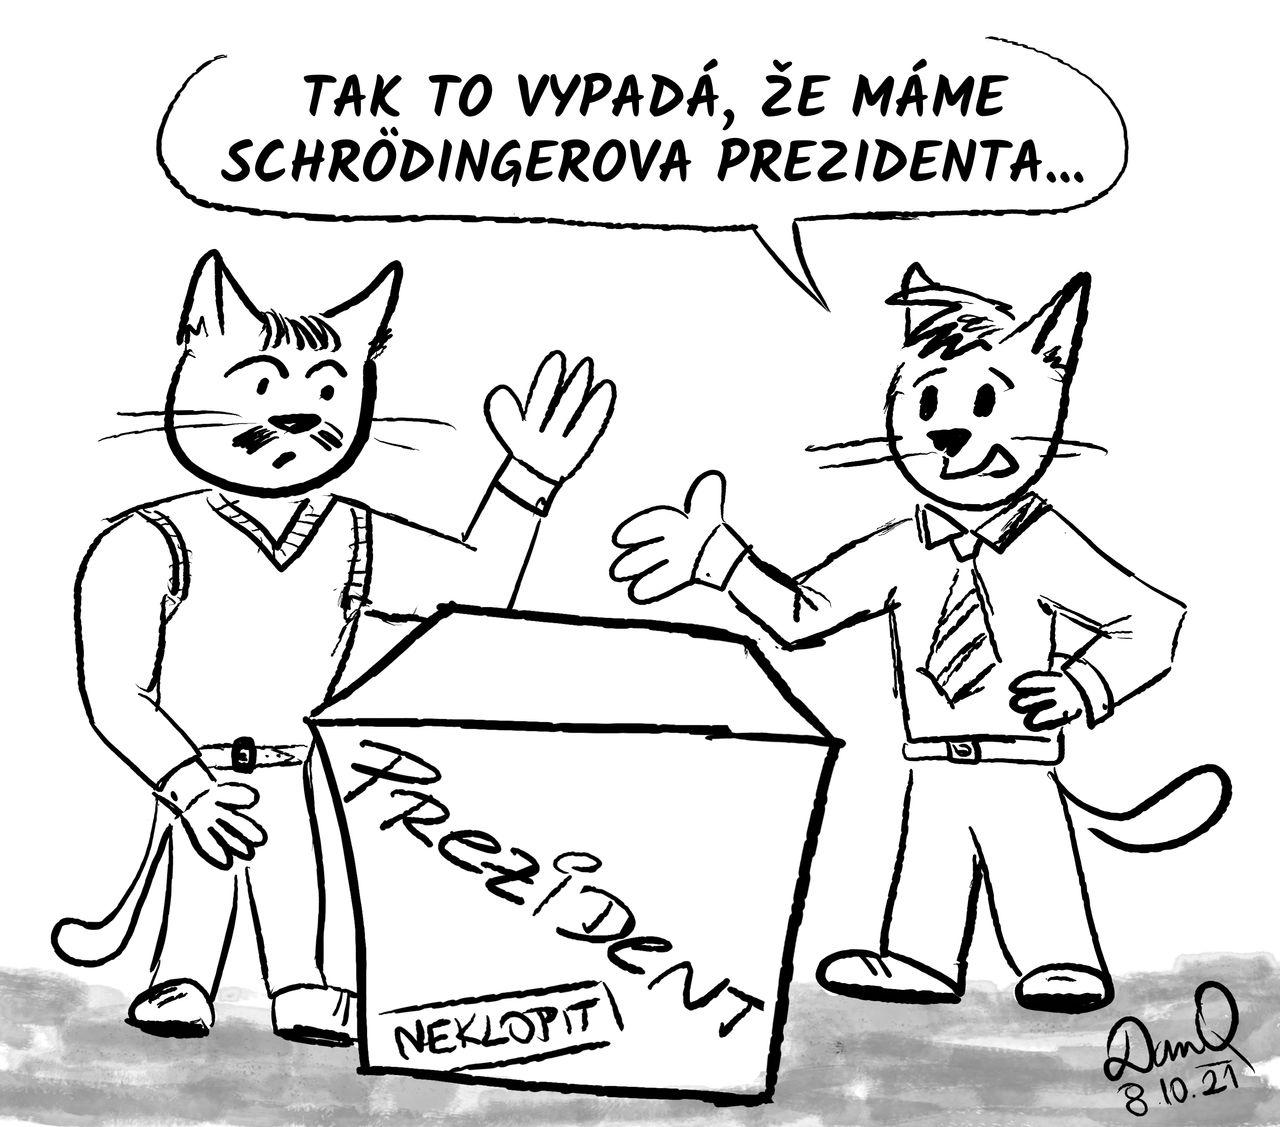 Schroedingeruv prezident